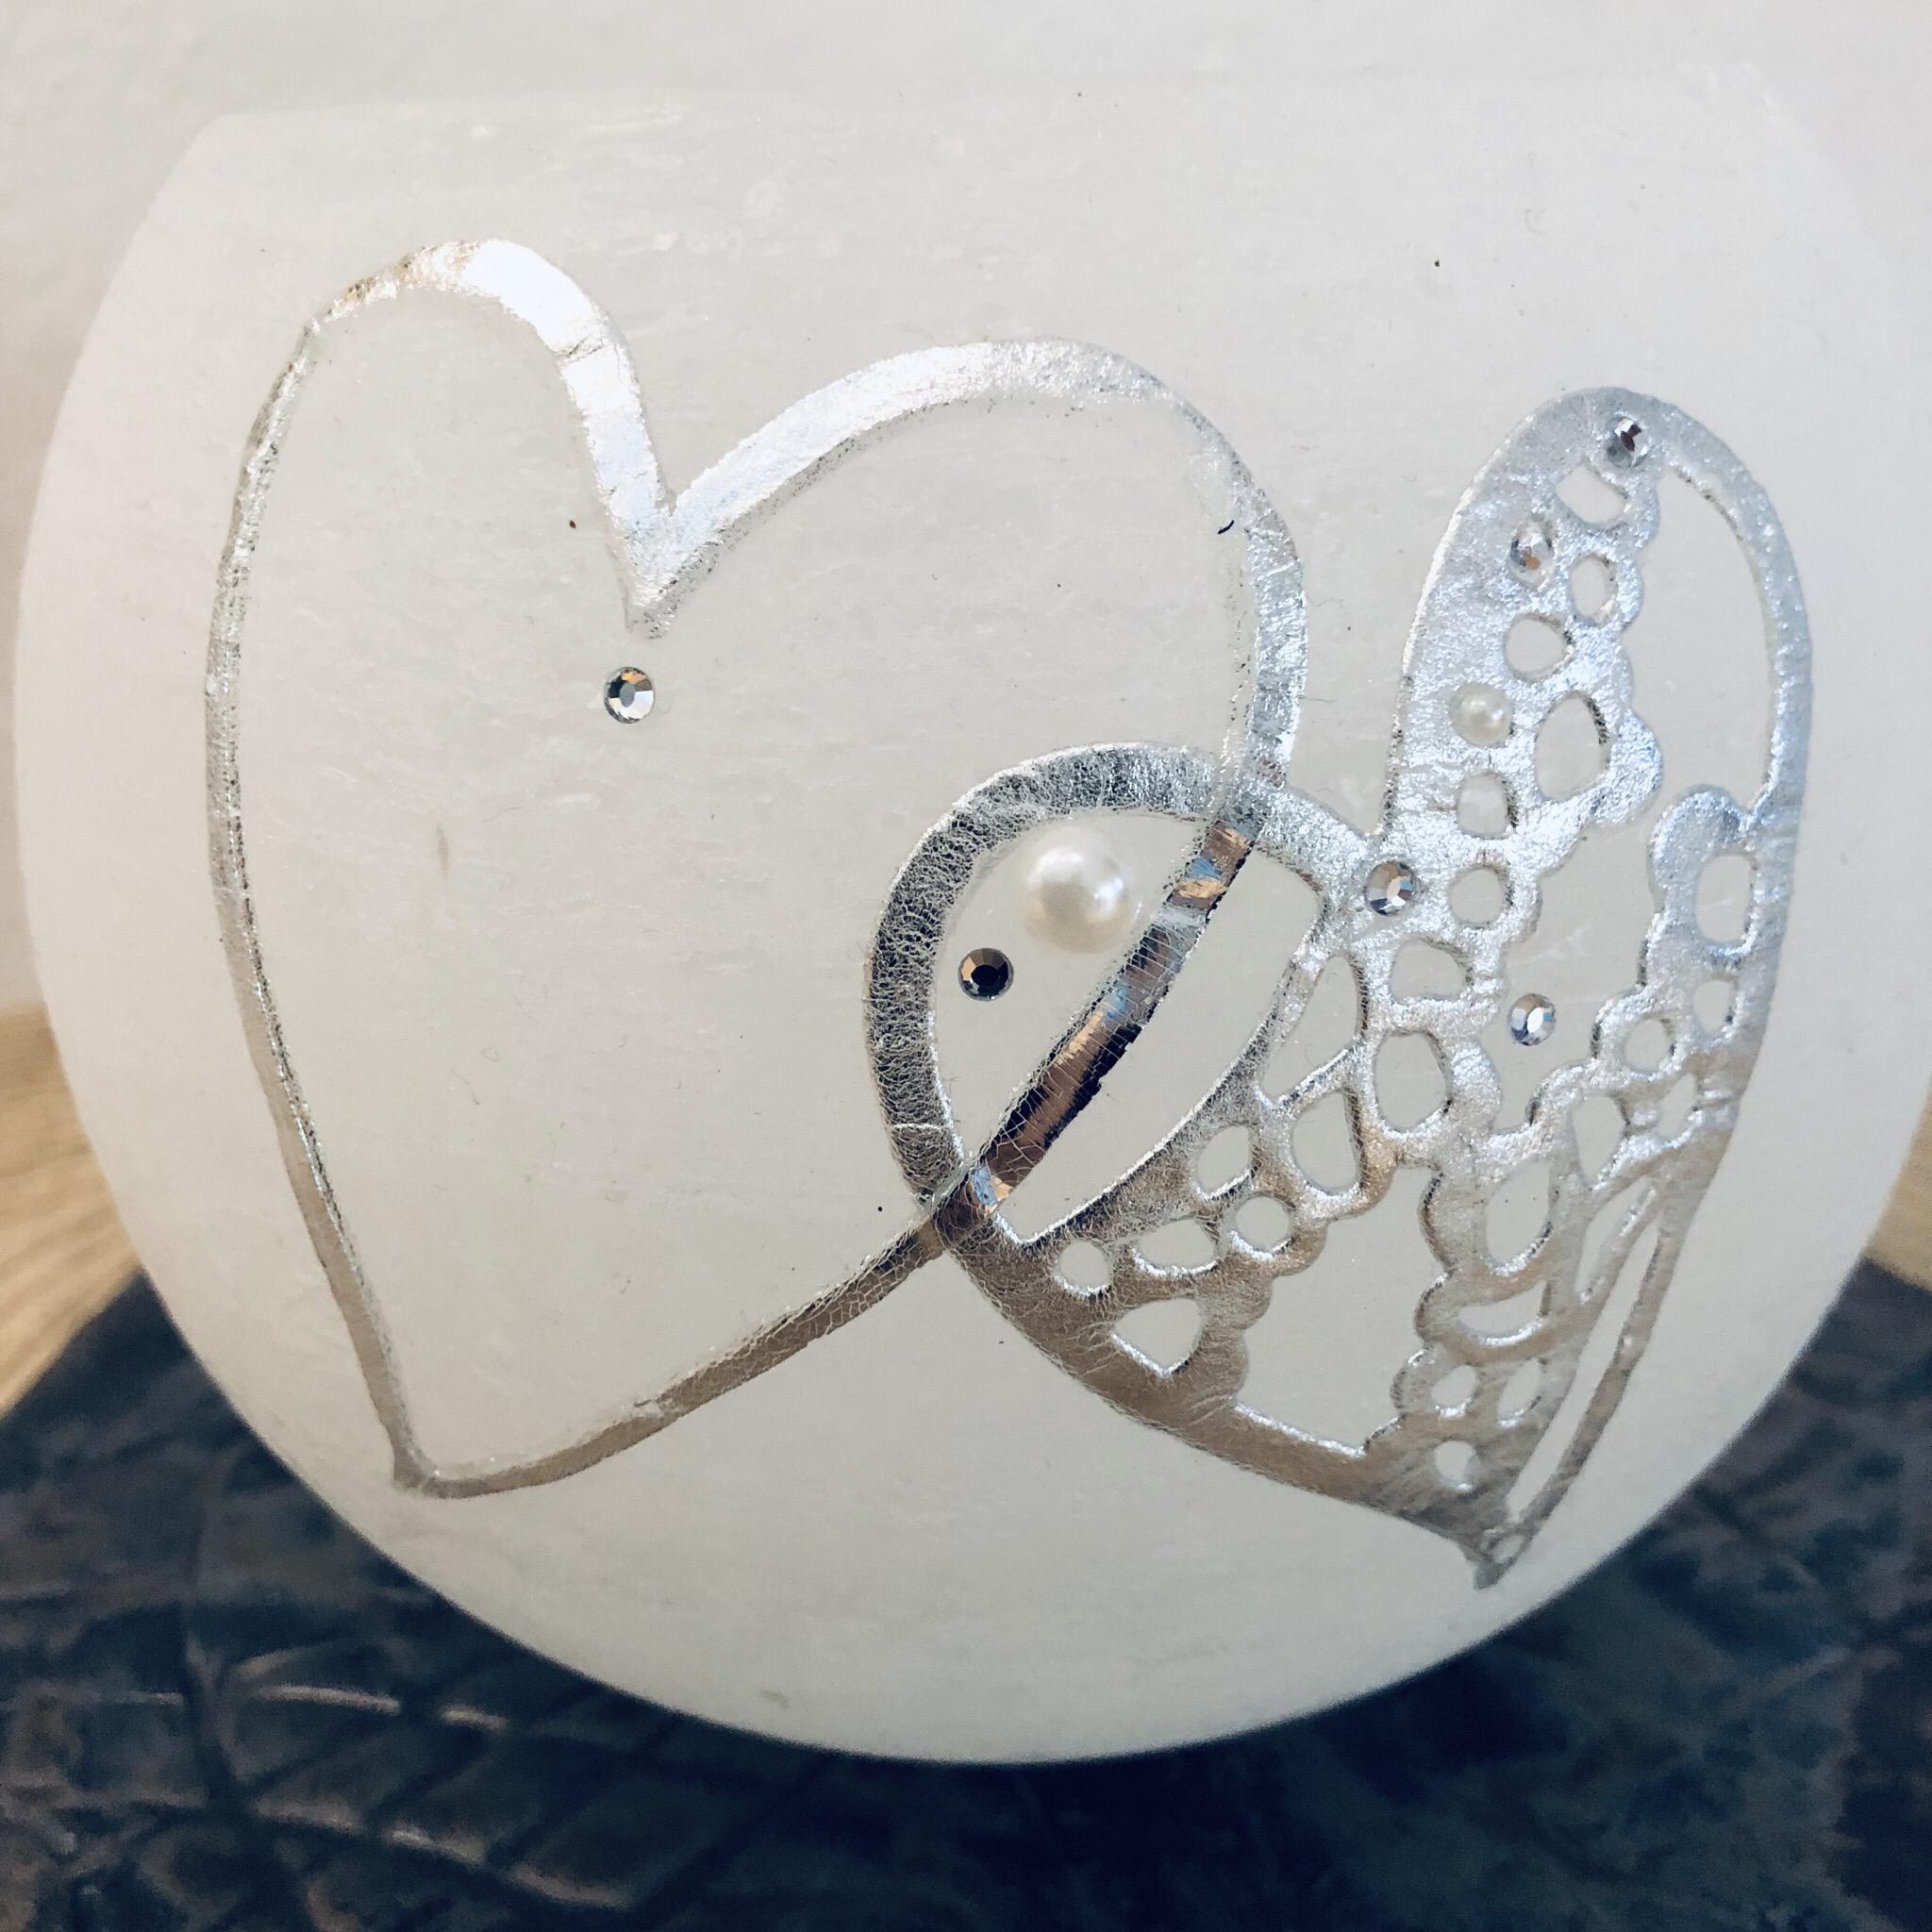 Kerze Hochzeit, Kugel weiß durchgefärbt, zwei silberne Herzen/Wachs mit Blattmetall, Perlen und Swarovskikristallen - gravierfähig 25034